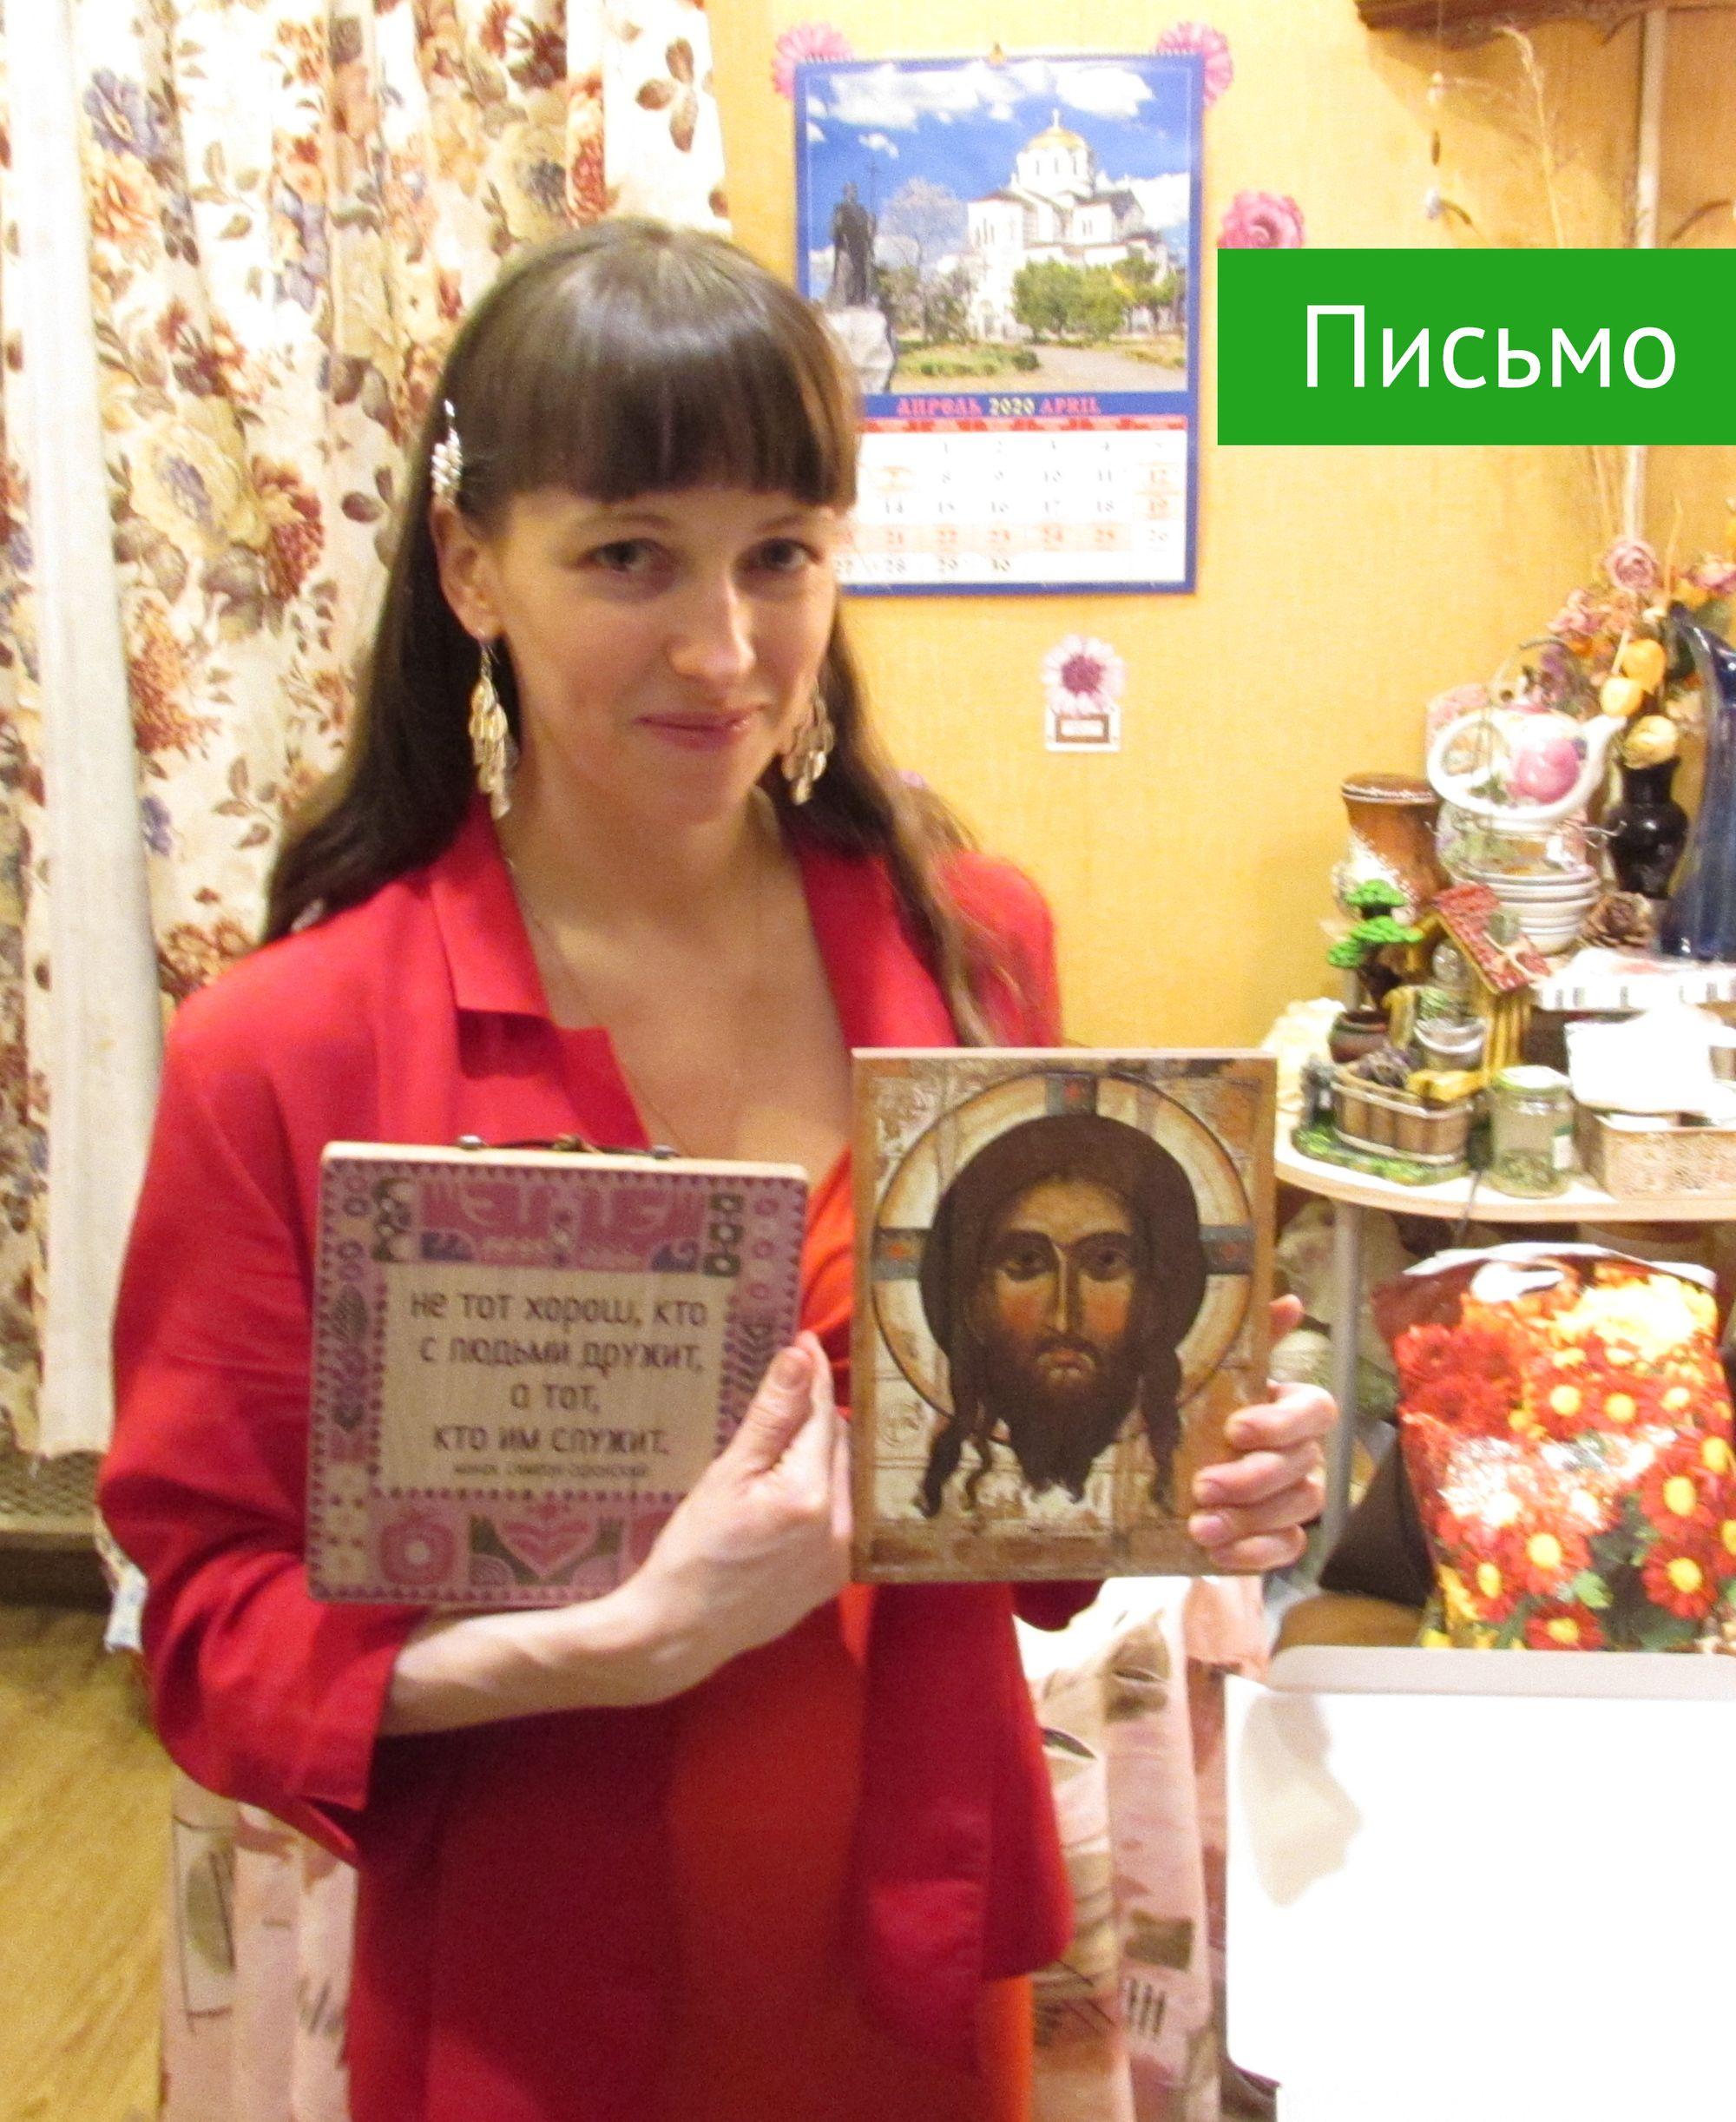 Письмо: Как выглядеть по-православному скромно, и нравиться мужу?